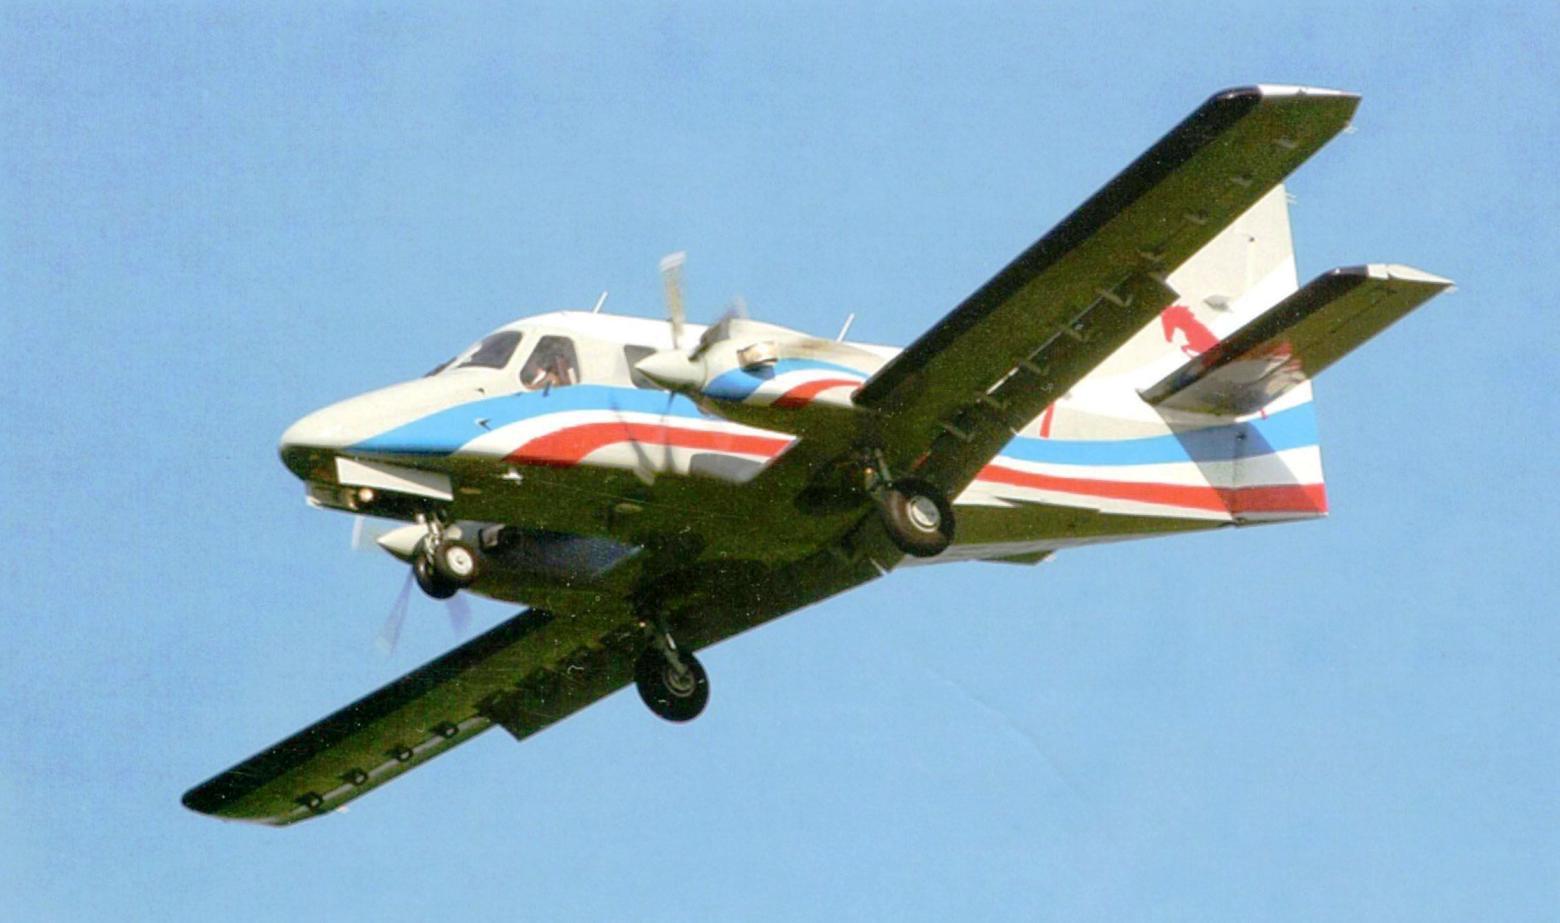 Первый опытный образец многоцелевого лёгкого самолёта «Рысачок», разработанный отечественной фирмой «Техноавиа», в полёте на МАКС-2011. Город Жуковский Московской области